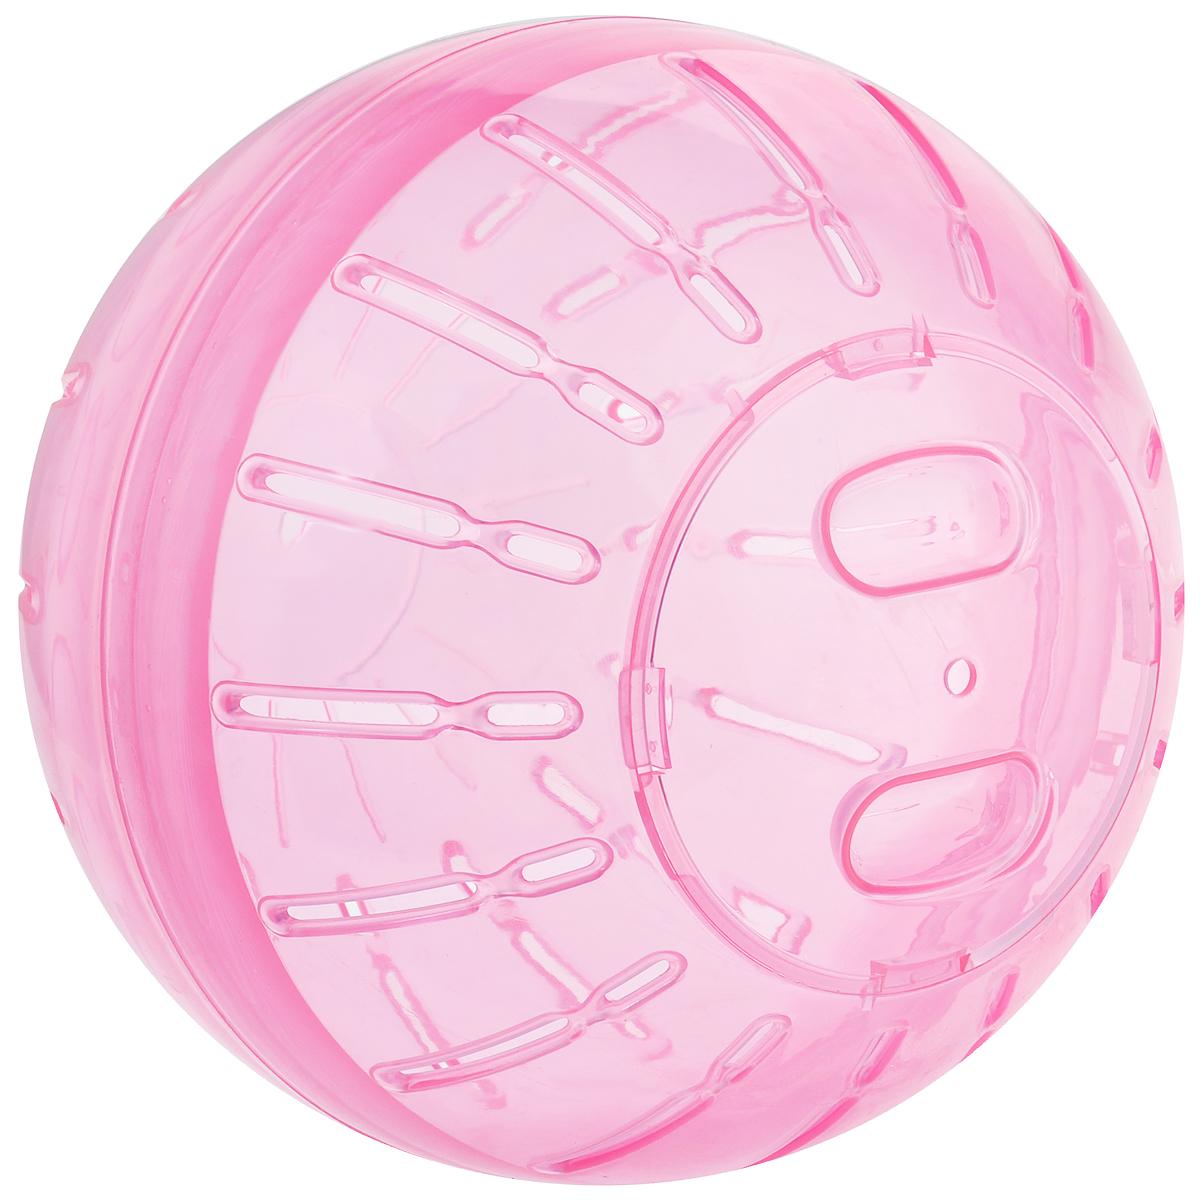 Игрушка для грызунов Triol Шар прогулочный, цвет: розовый, диаметр 19 смКл-5212Шар прогулочный Triol - это игрушка для грызунов, изготовленная из нетоксичного высококачественного пластика. Шар легко моется. Устойчивая конструкция с защелкивающимися дверцами обеспечит безопасность и предохранит вашего питомца от побега. Большие вентиляционные отверстия обеспечивают хорошую циркуляцию воздуха, а специально разработанные выступы для лап - удобство при передвижении. Прогулка в таком шаре обеспечит грызуну нагрузку, а значит, поможет поддержать хорошую физическую форму. Чтобы правильно подобрать шар, следует измерить длину животного: диаметр шара должен быть чуть больше, чем длина вашего питомца.Диаметр шара: 19 см.